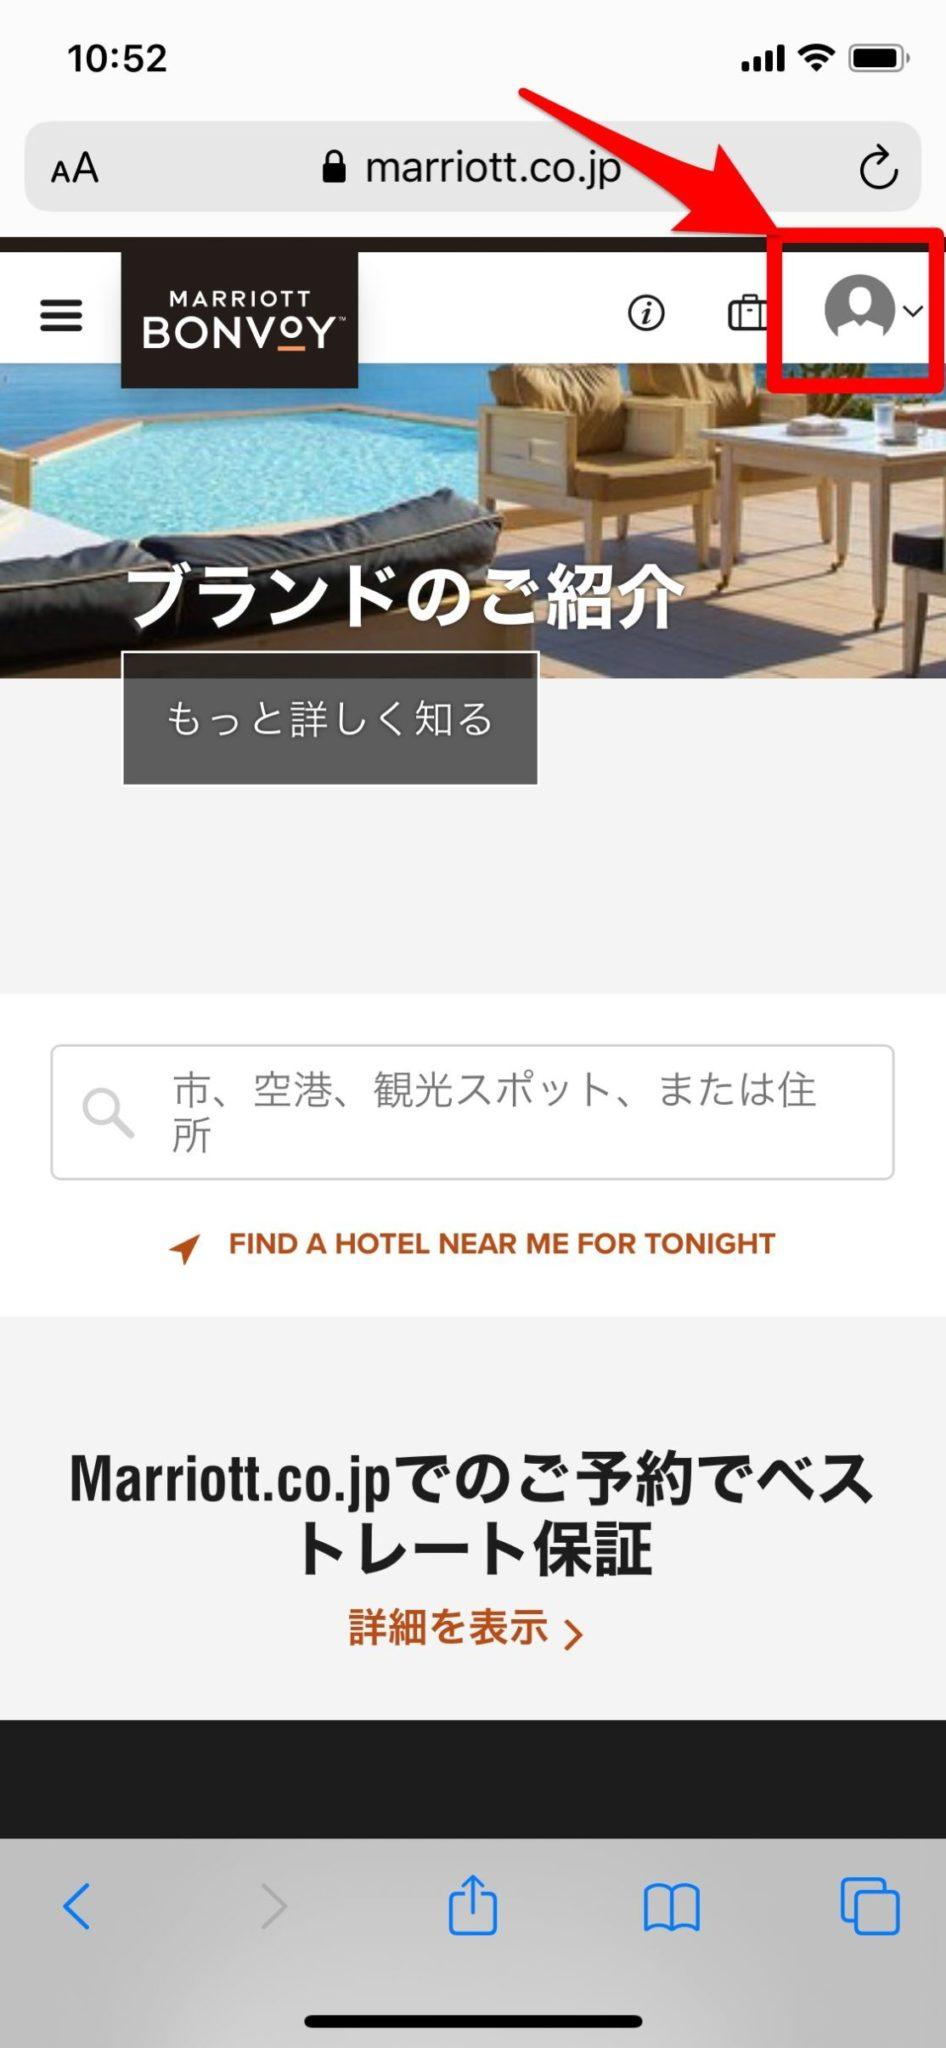 マリオットボンヴォイマイル移行手順03